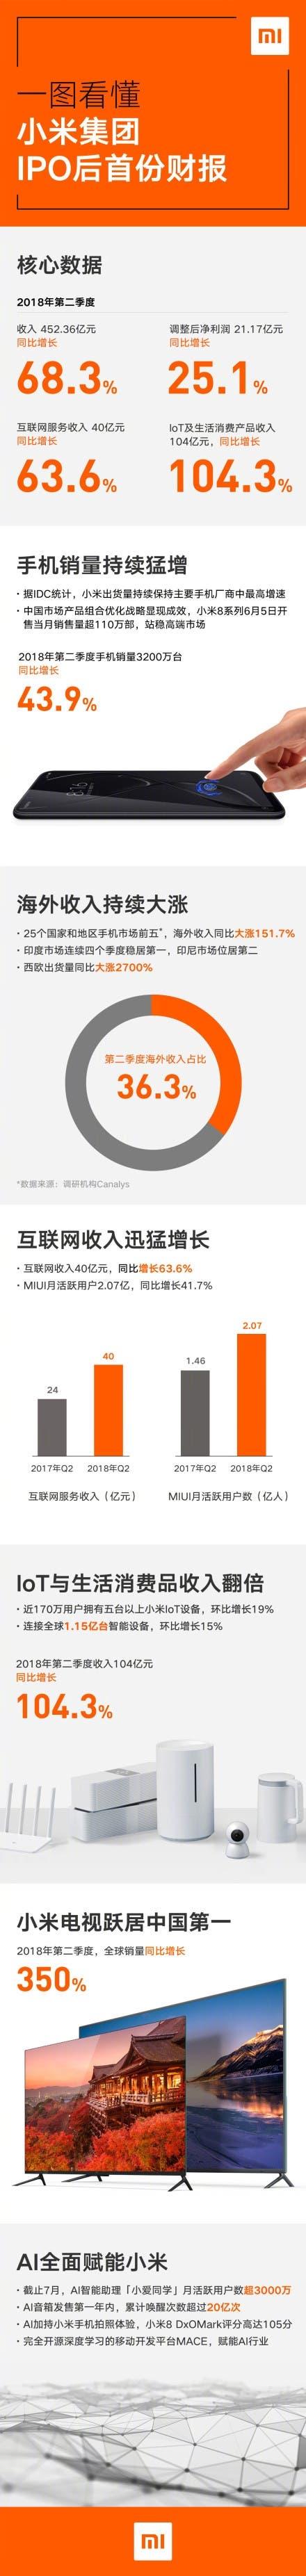 Xiaomi financial report q2 2018